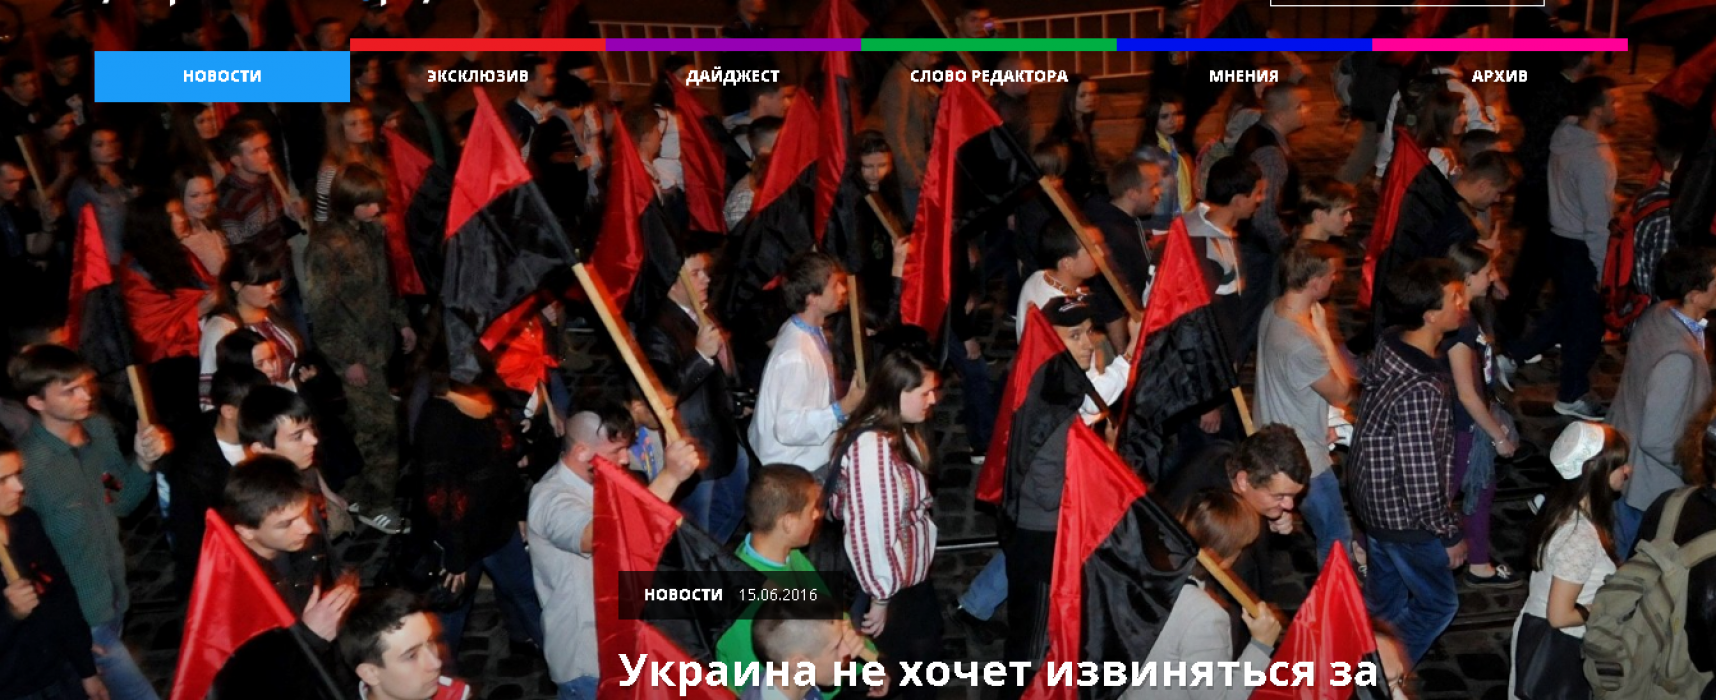 Fake: Украина не хочет извиняться за Волынскую резню